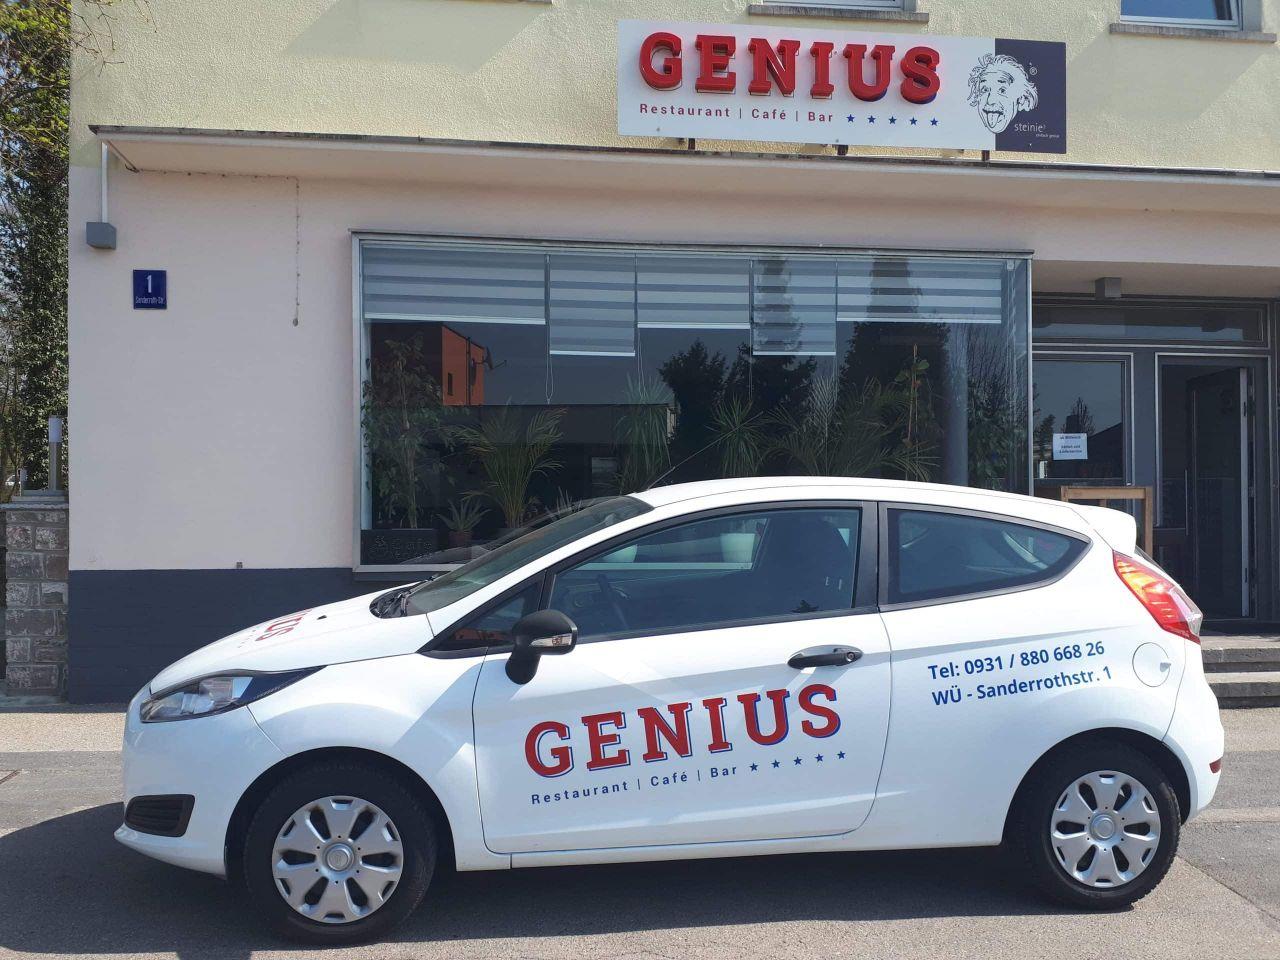 Griechisches Restaurant GENIUS – Lieferservice bringt Leckeres nach Hause